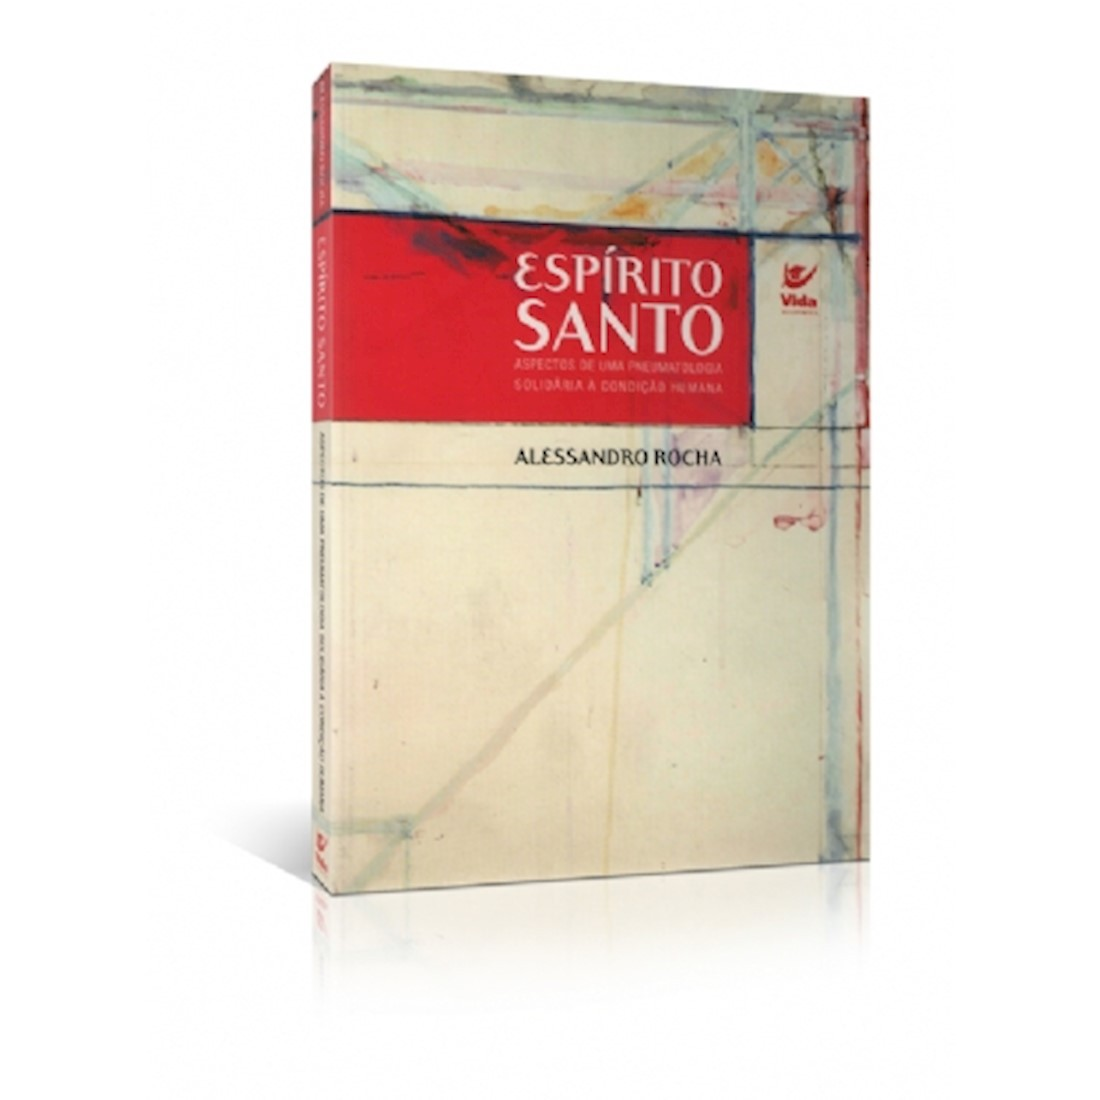 Livro Espírito Santo - Aspectos de uma Pneumatologia Solidária à Condição Humana